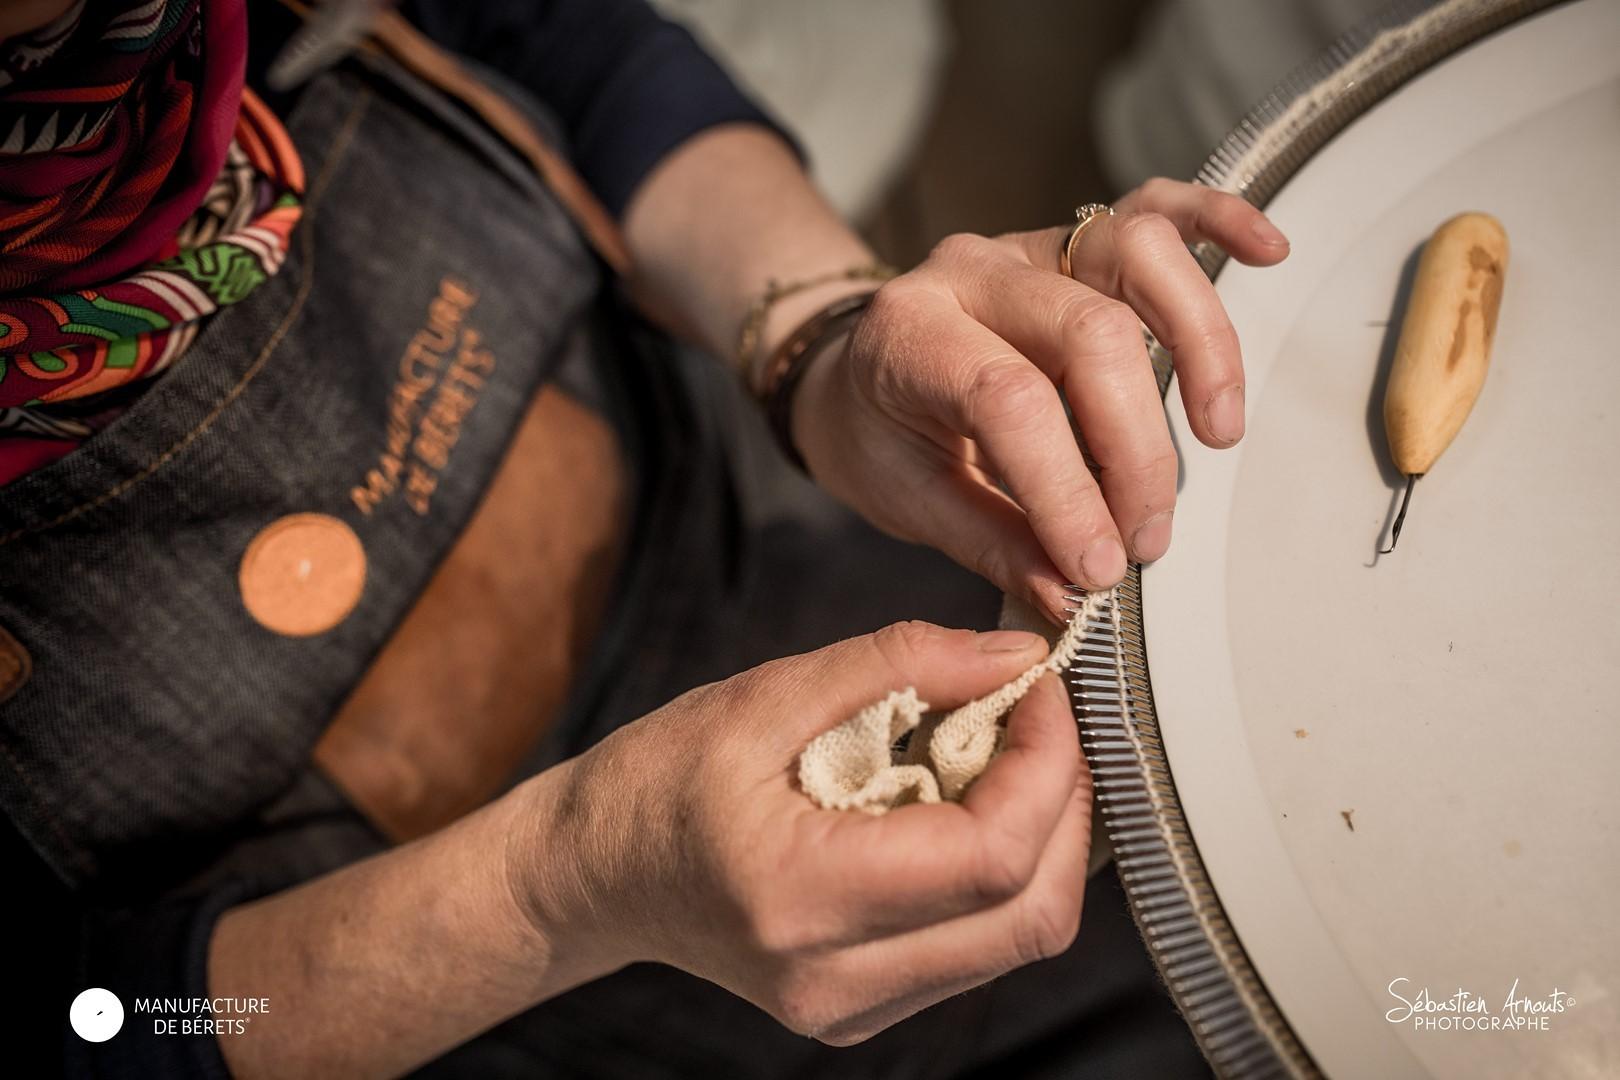 Journées du patrimoine : Visite de la manufacture de bérets - ORTHEZ